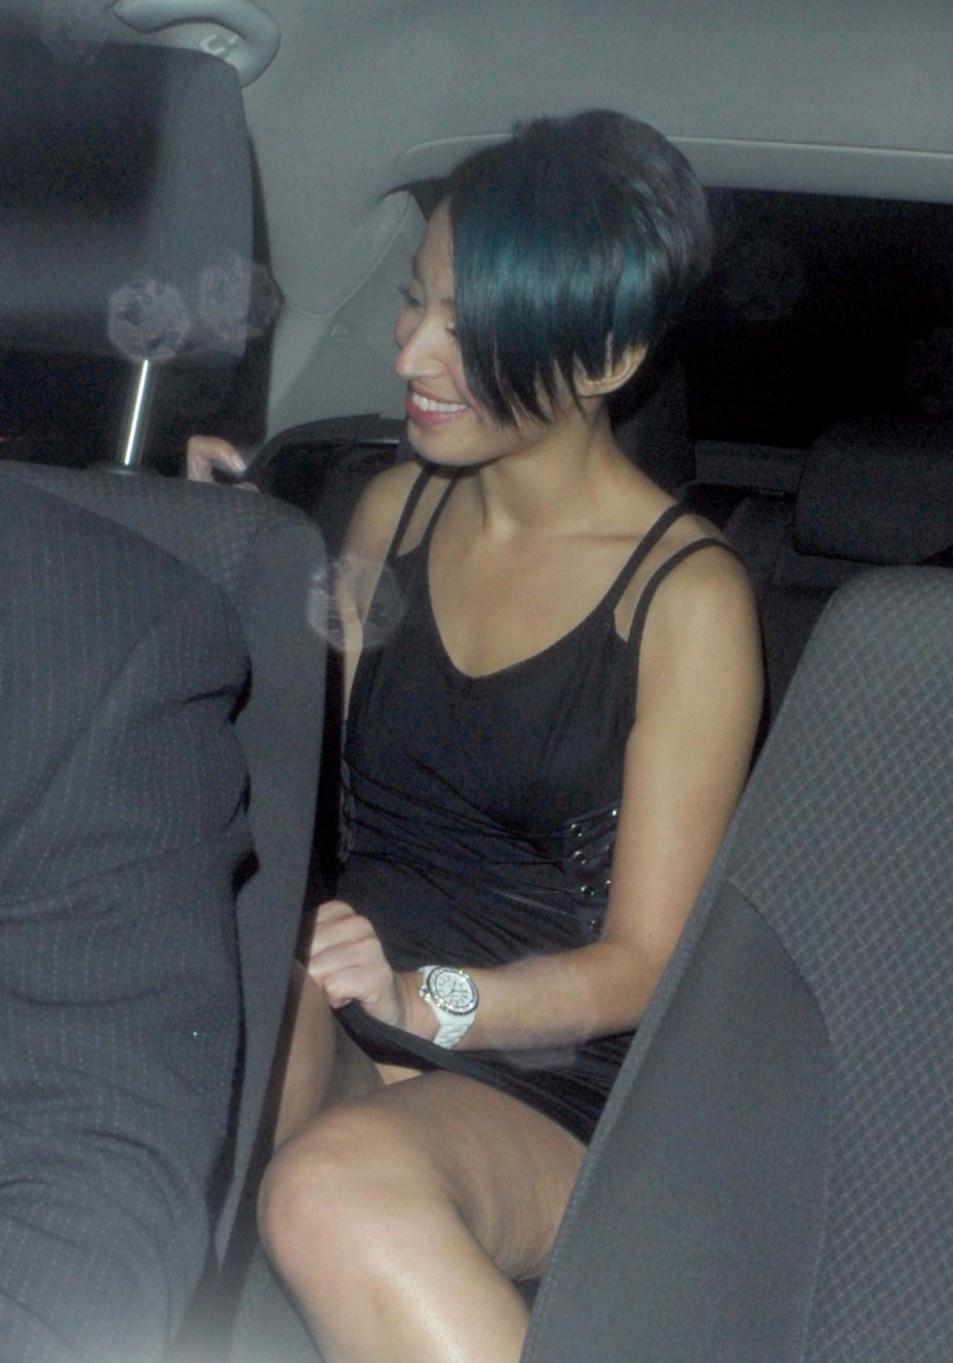 Amelle-Berrabah-Pantyless-Upskirt-1.jpg